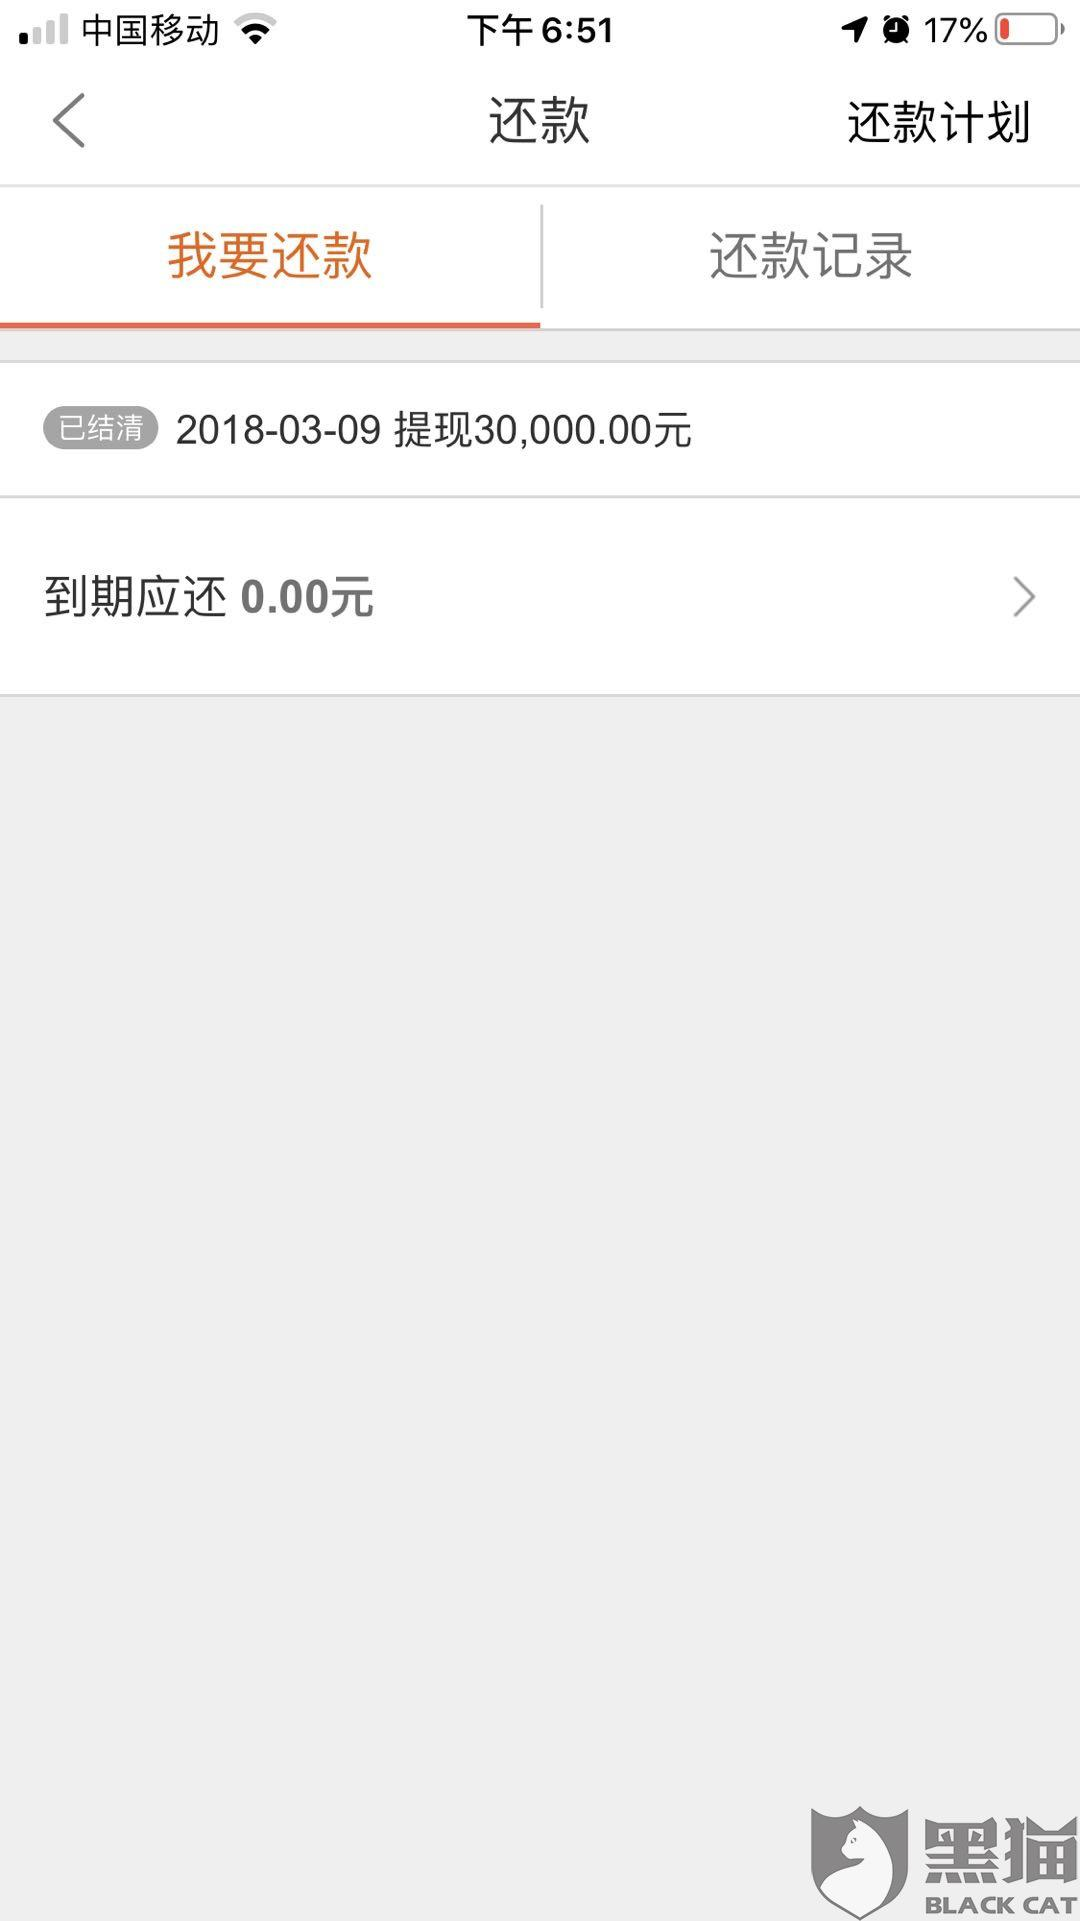 黑猫投诉:光大银行协助平安普惠变相收取高额的保险费和服务费